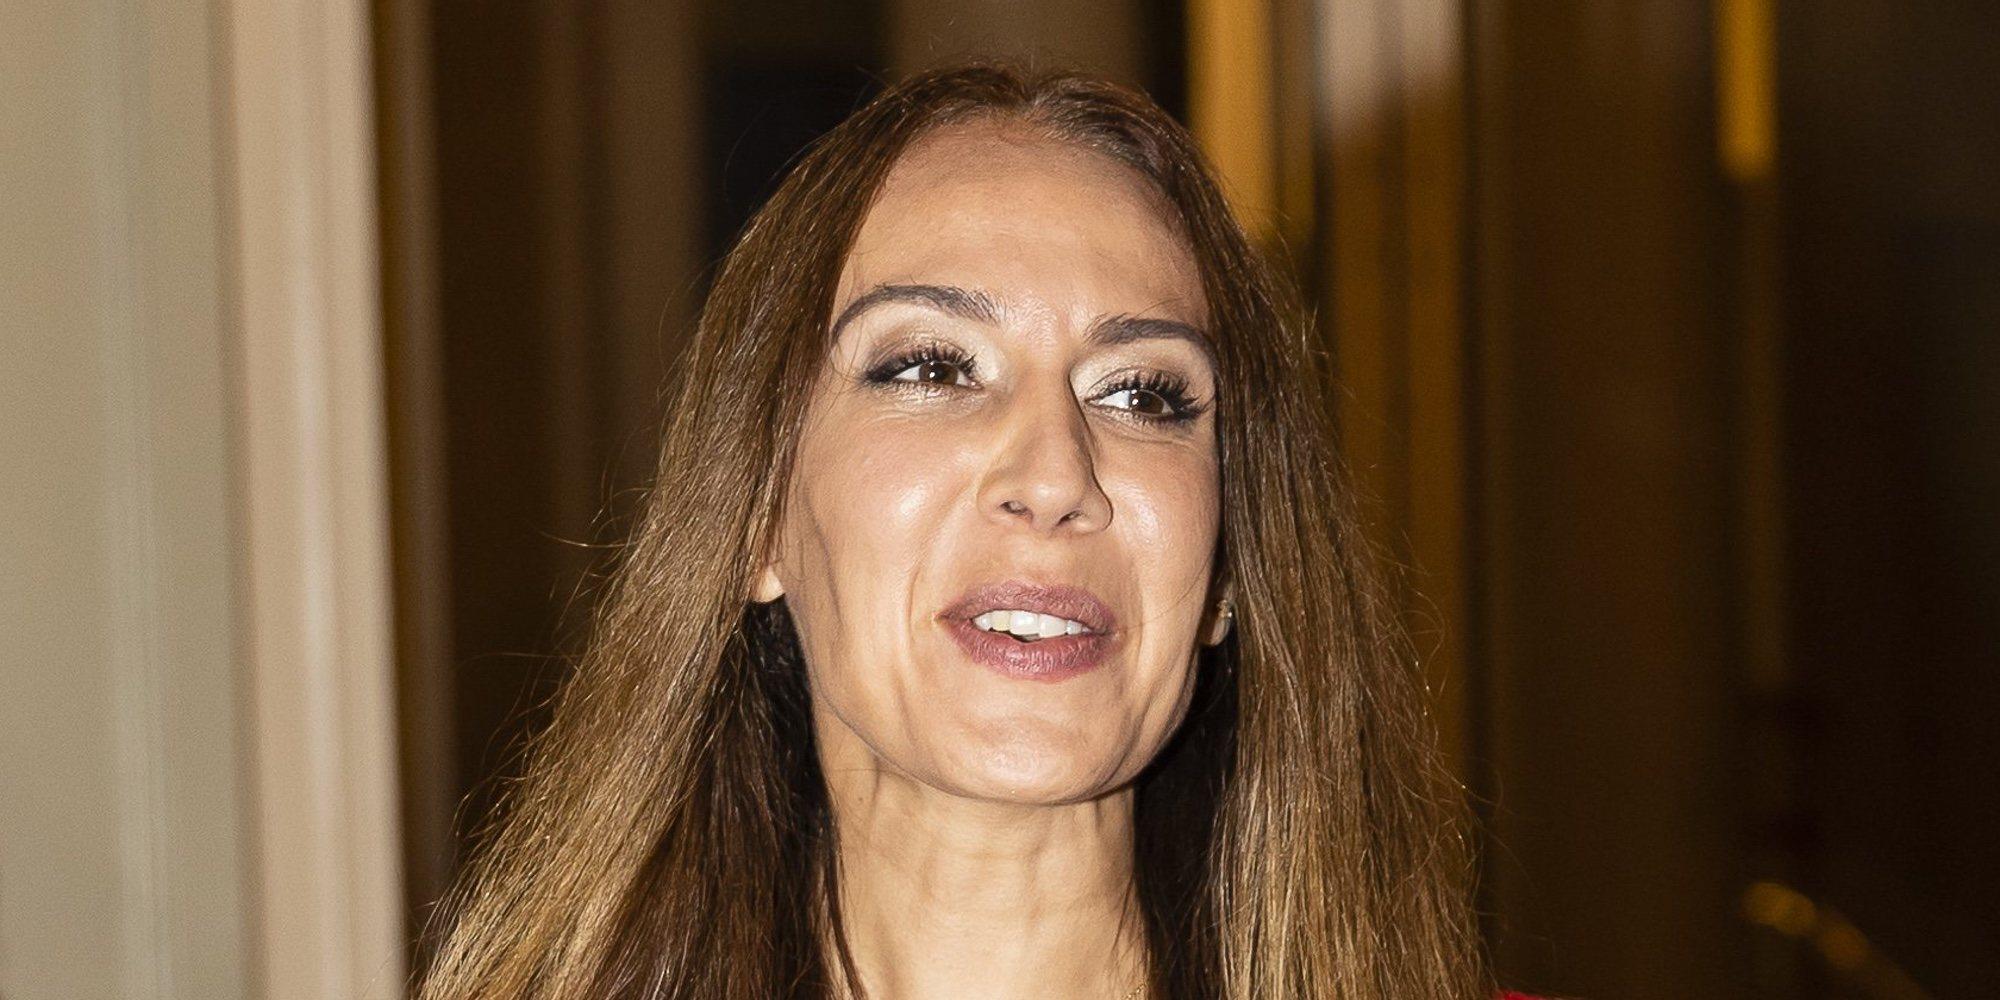 Mónica Naranjo podría haber recuperado la ilusión con Laín García Calvo, un afamado escritor de autoayuda